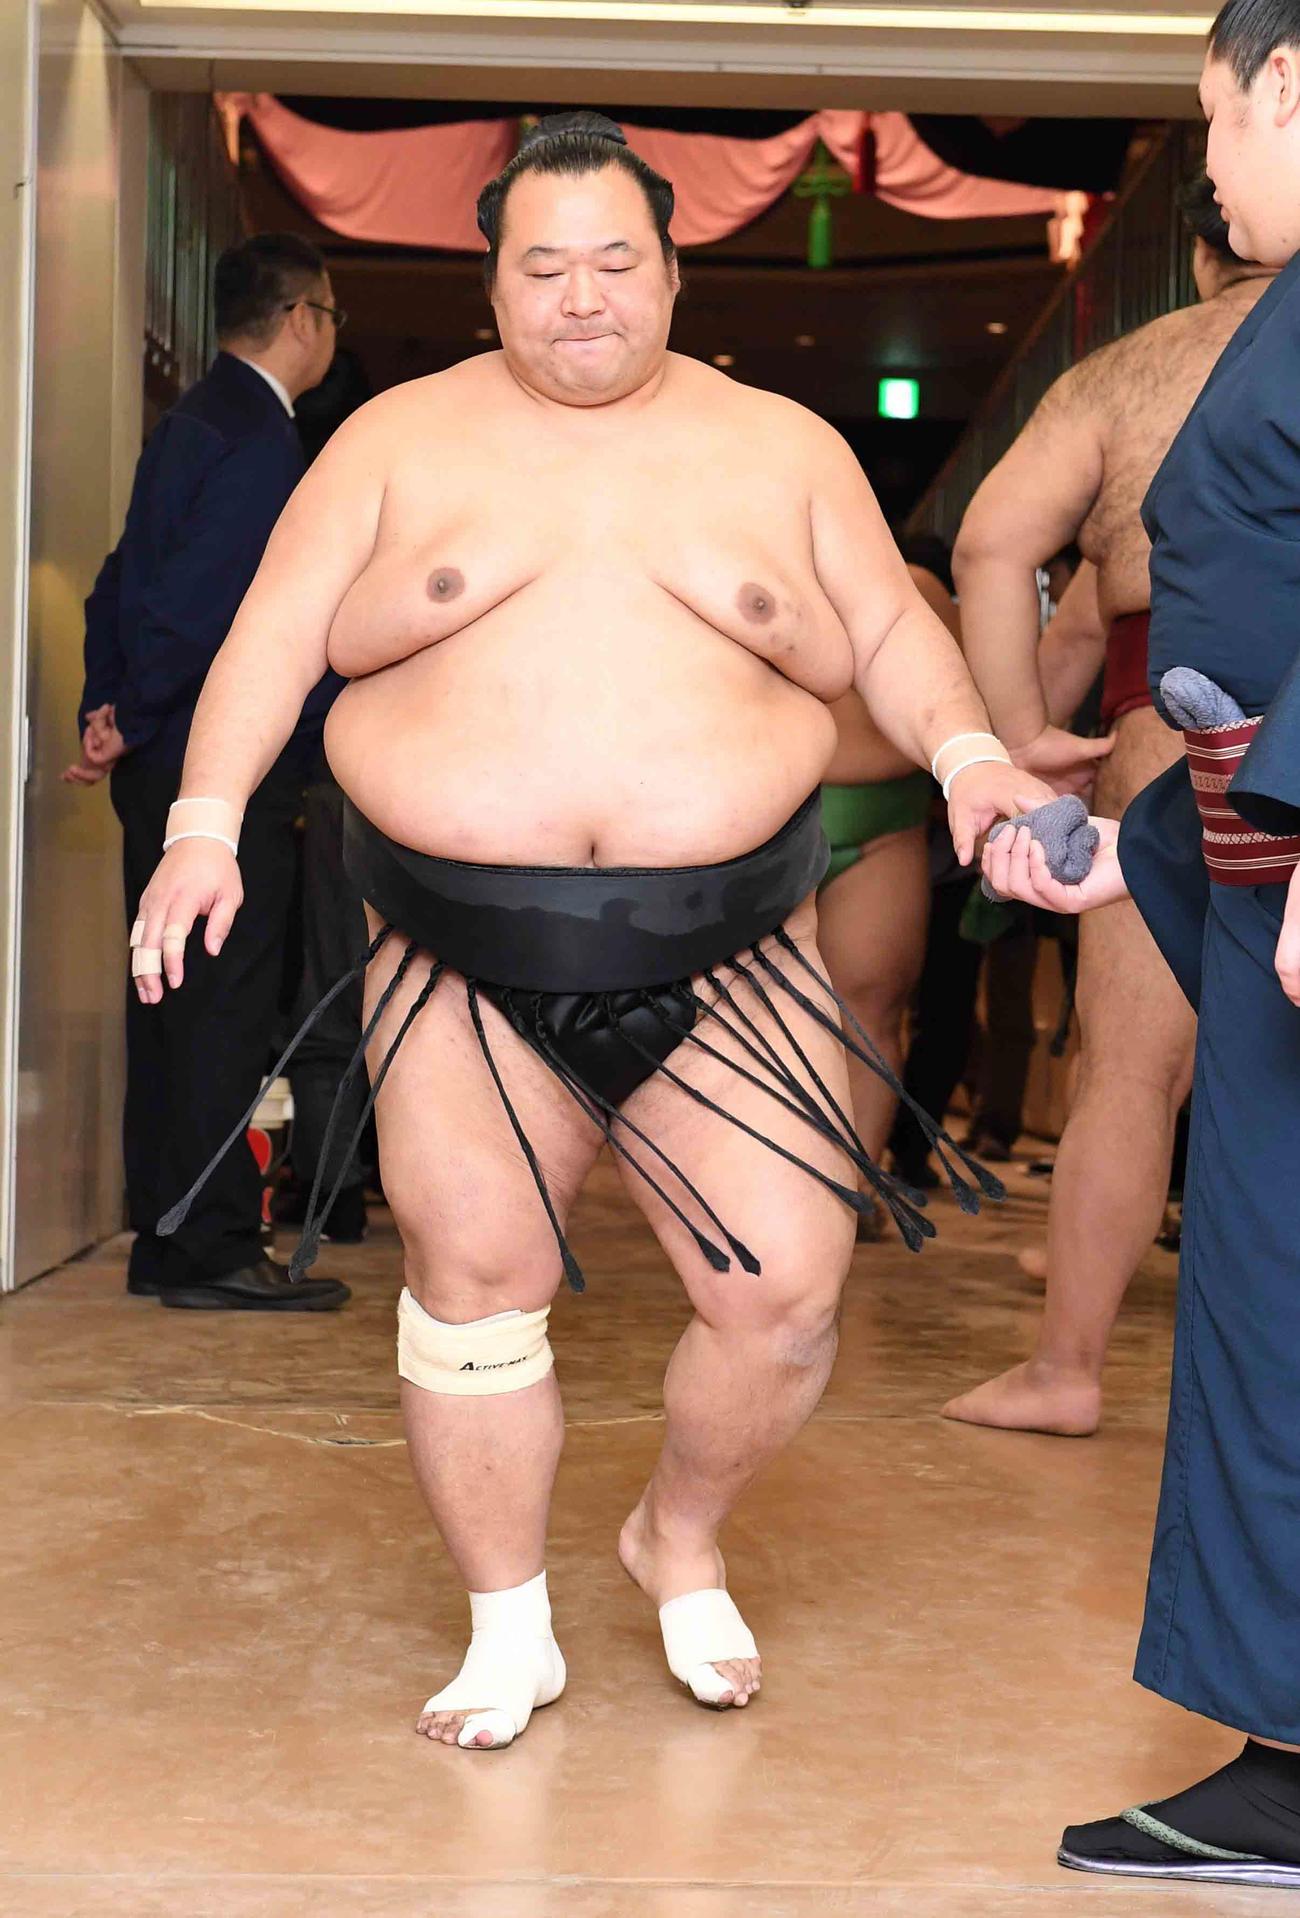 豊ノ島、幕下陥落が決定的「やりきった気持ちある」 - 大相撲 : 日刊 ...